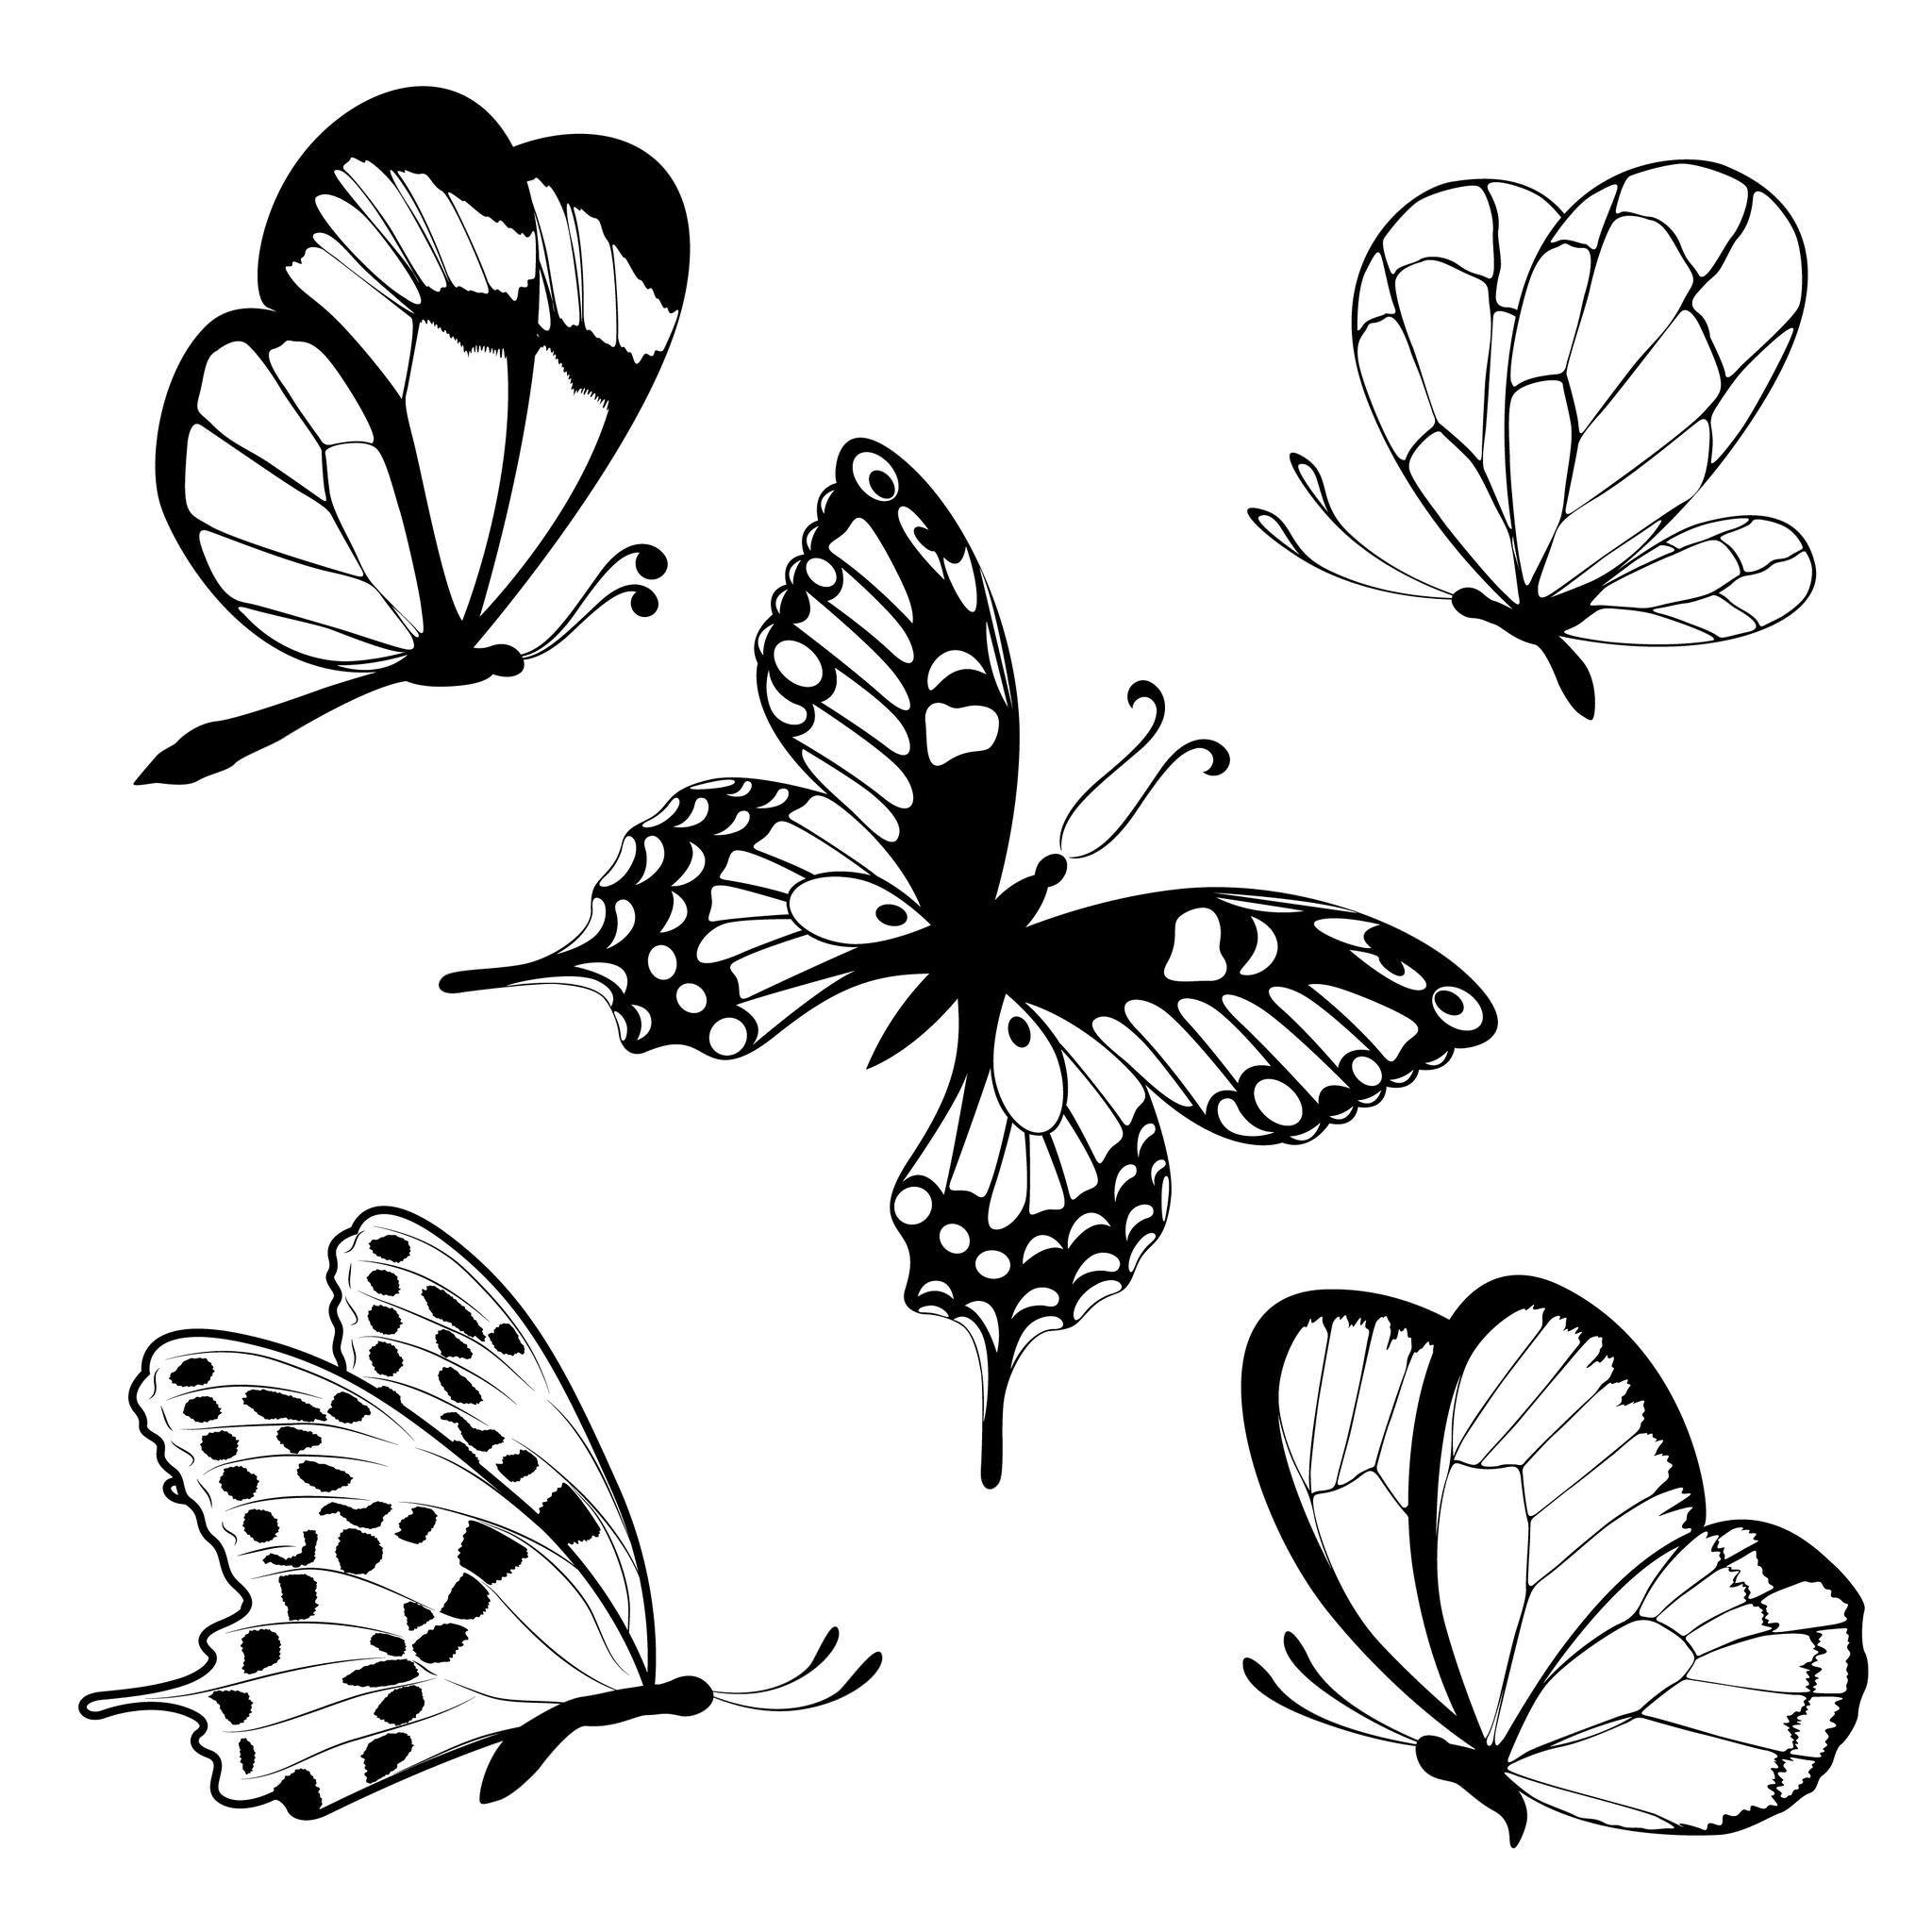 Coloriage Papillons - Facile dedans Papillon À Dessiner